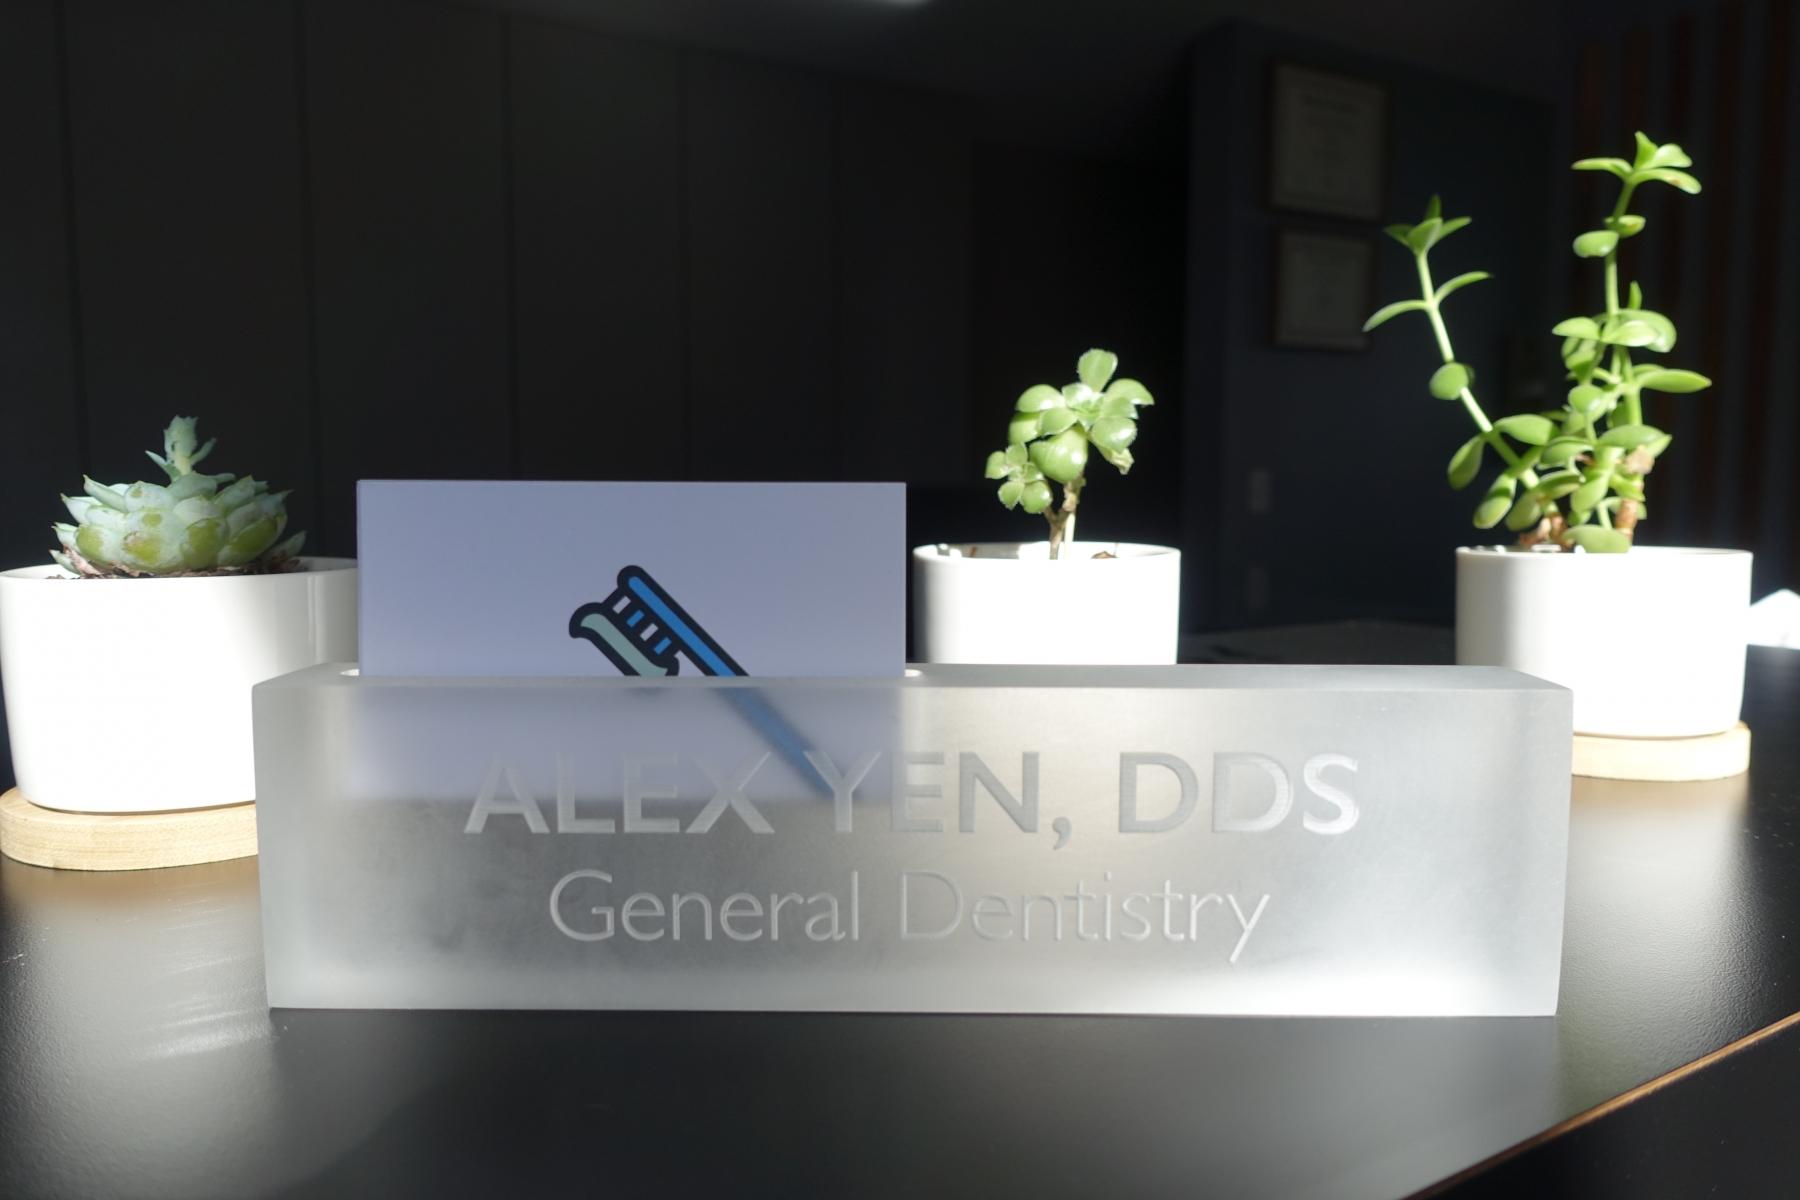 Alex-Yen-DDS-Desk-Palo-Alto